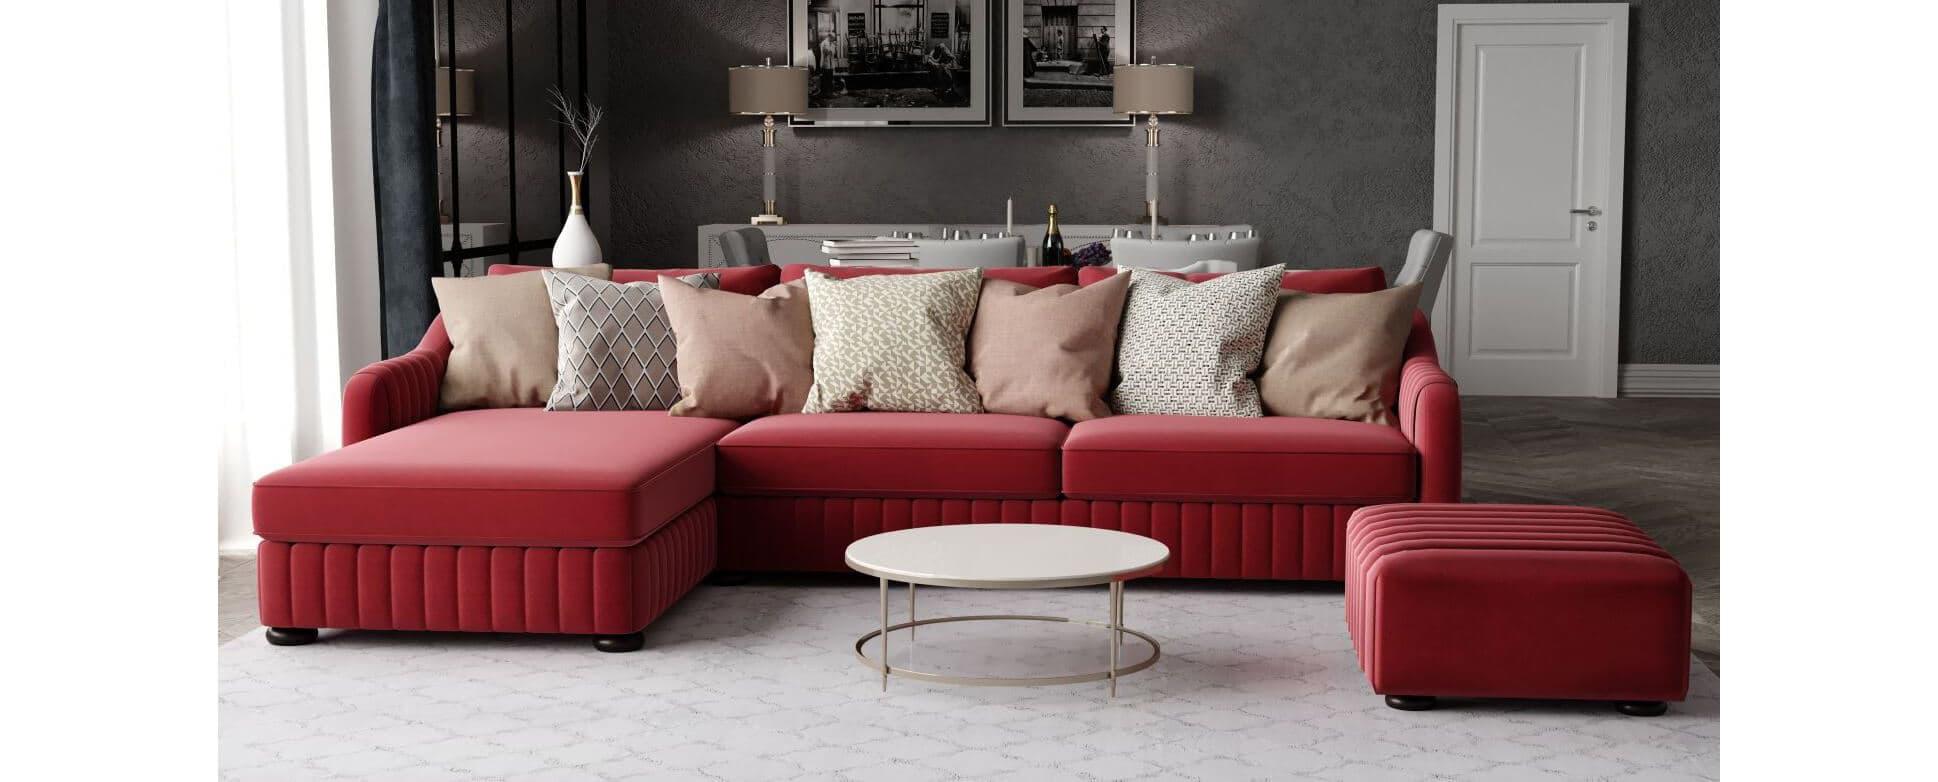 Купить Угловой диван F75 - 2 - Delavega (Делавега)